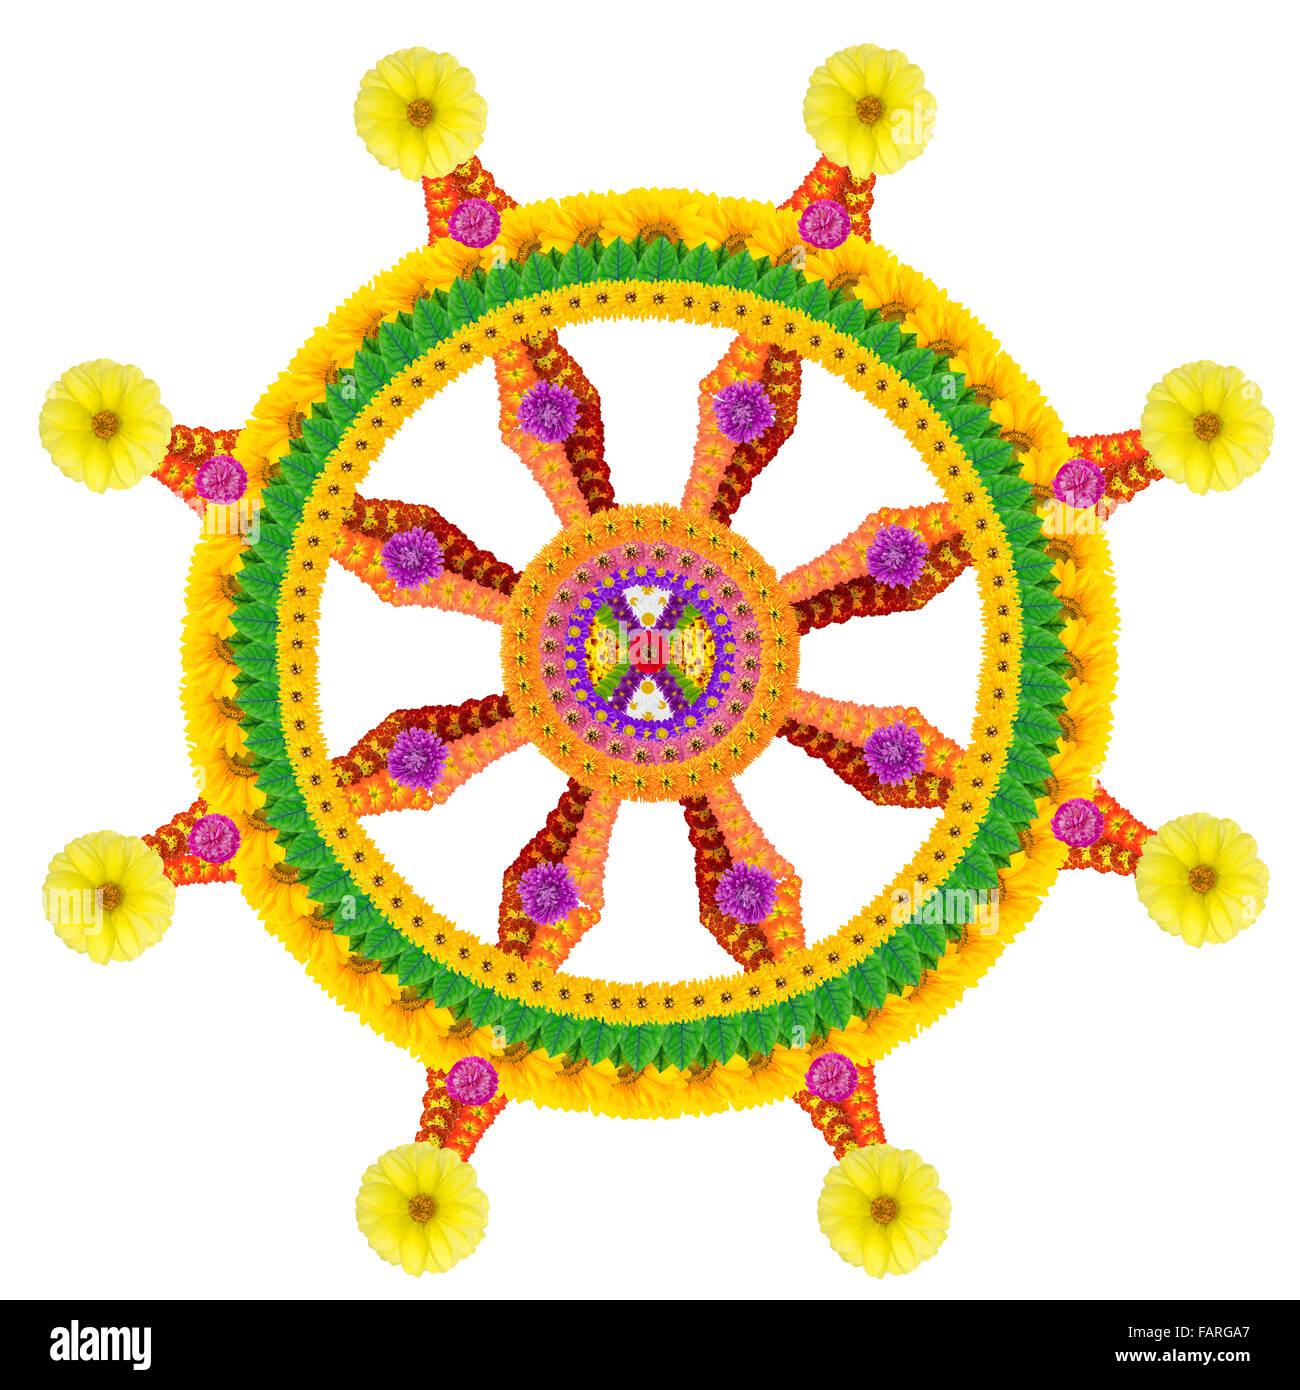 Wheel Dharma Symbol Buddhism Stock Photos Wheel Dharma Symbol